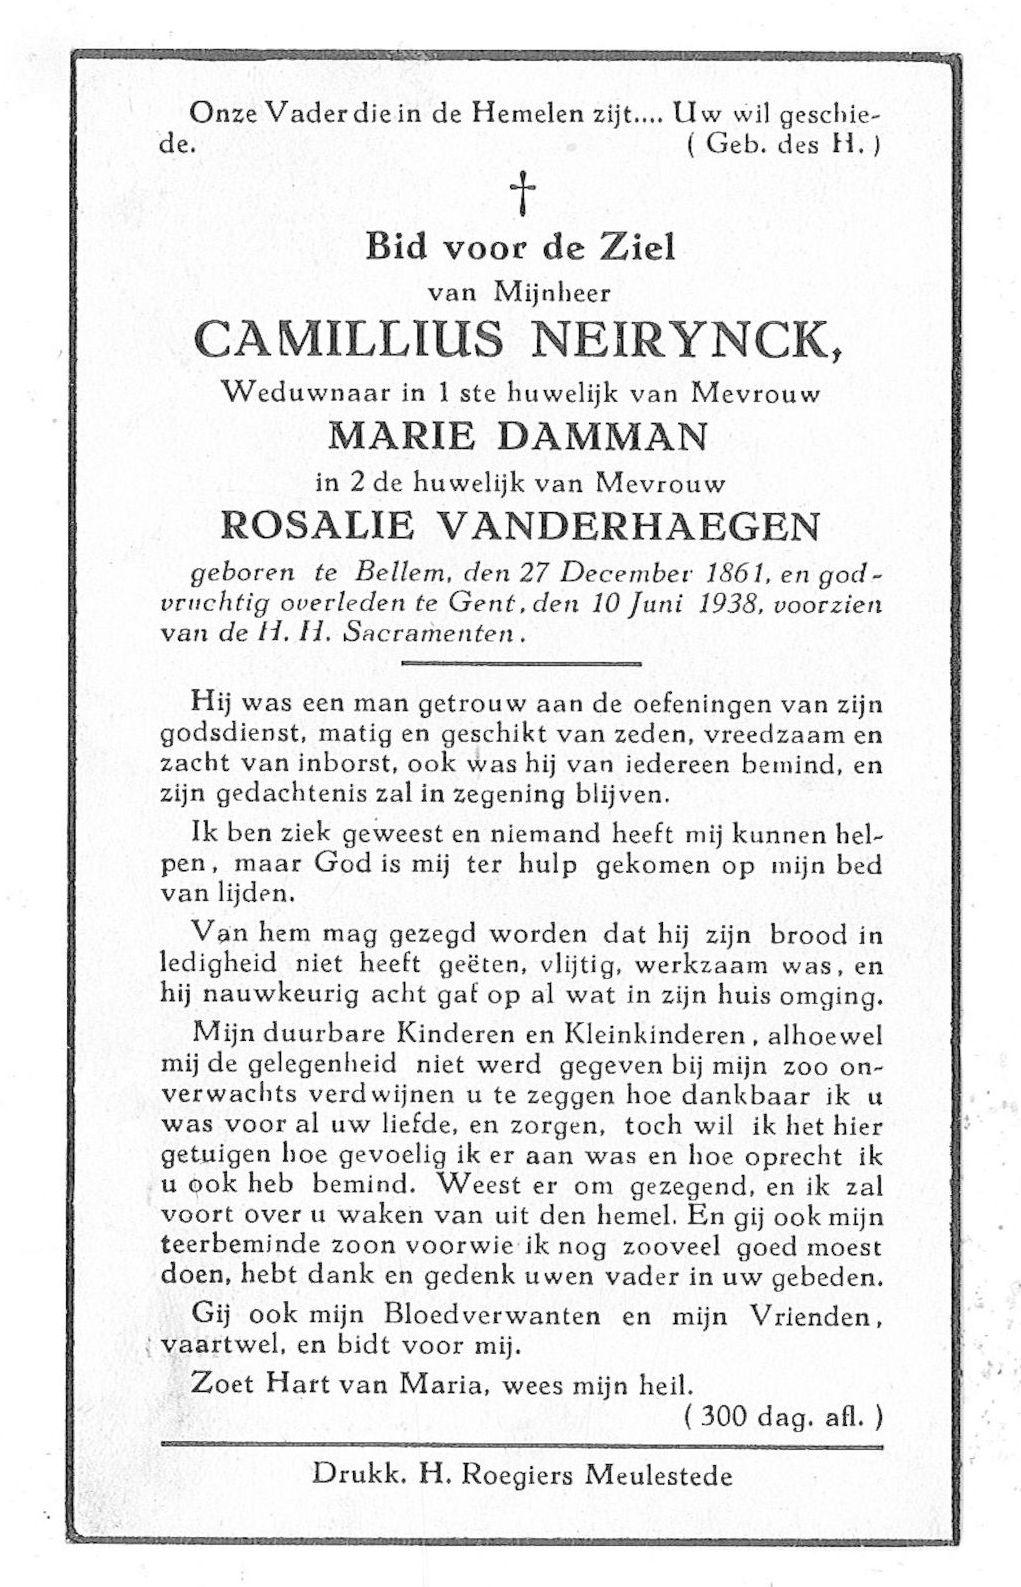 Camillius Neirynck